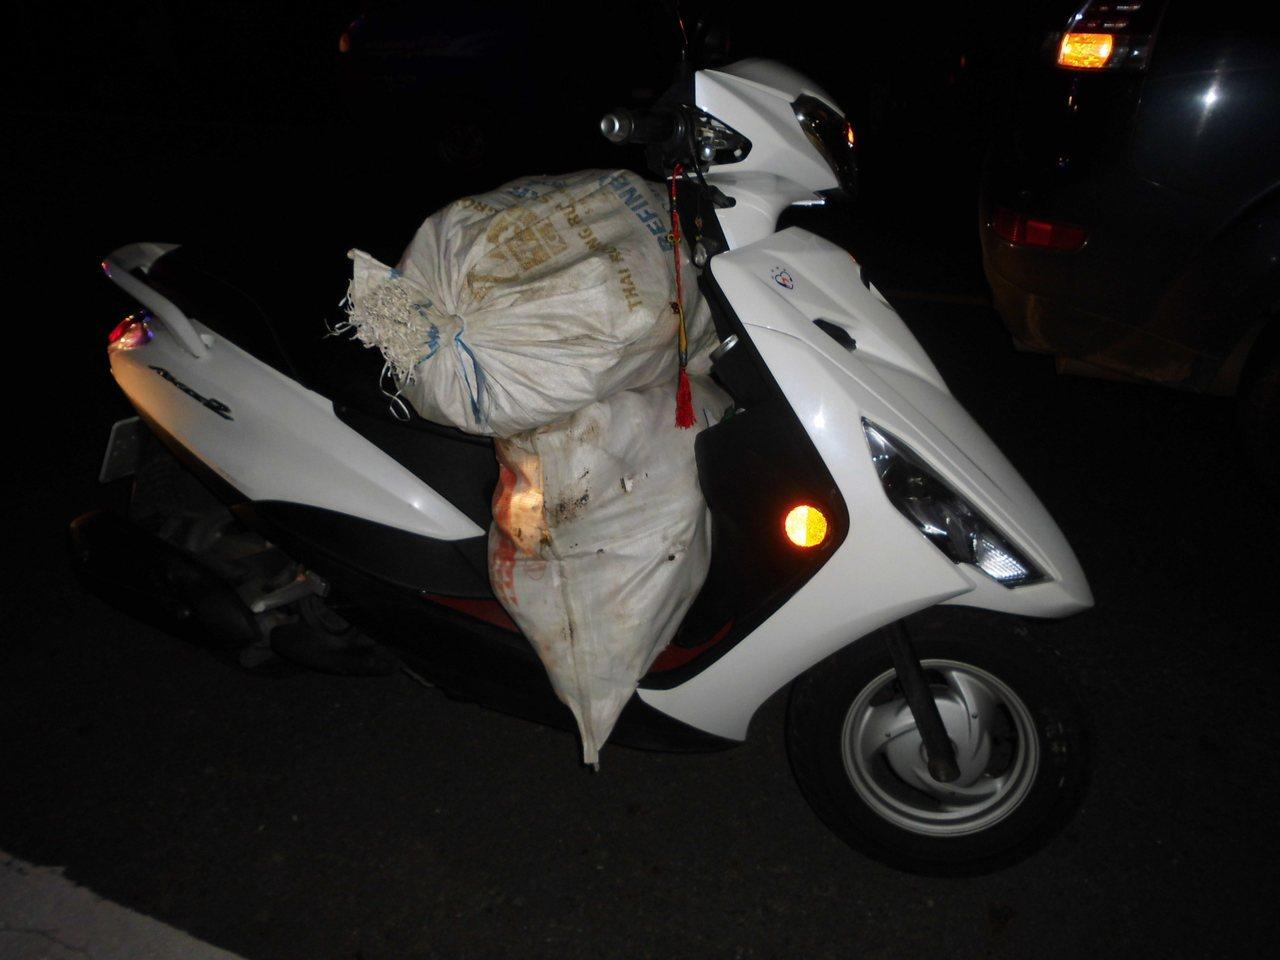 警方說4人遠從嘉義海區東石鄉騎機車來到台南東山山區犯案。記者謝進盛/翻攝